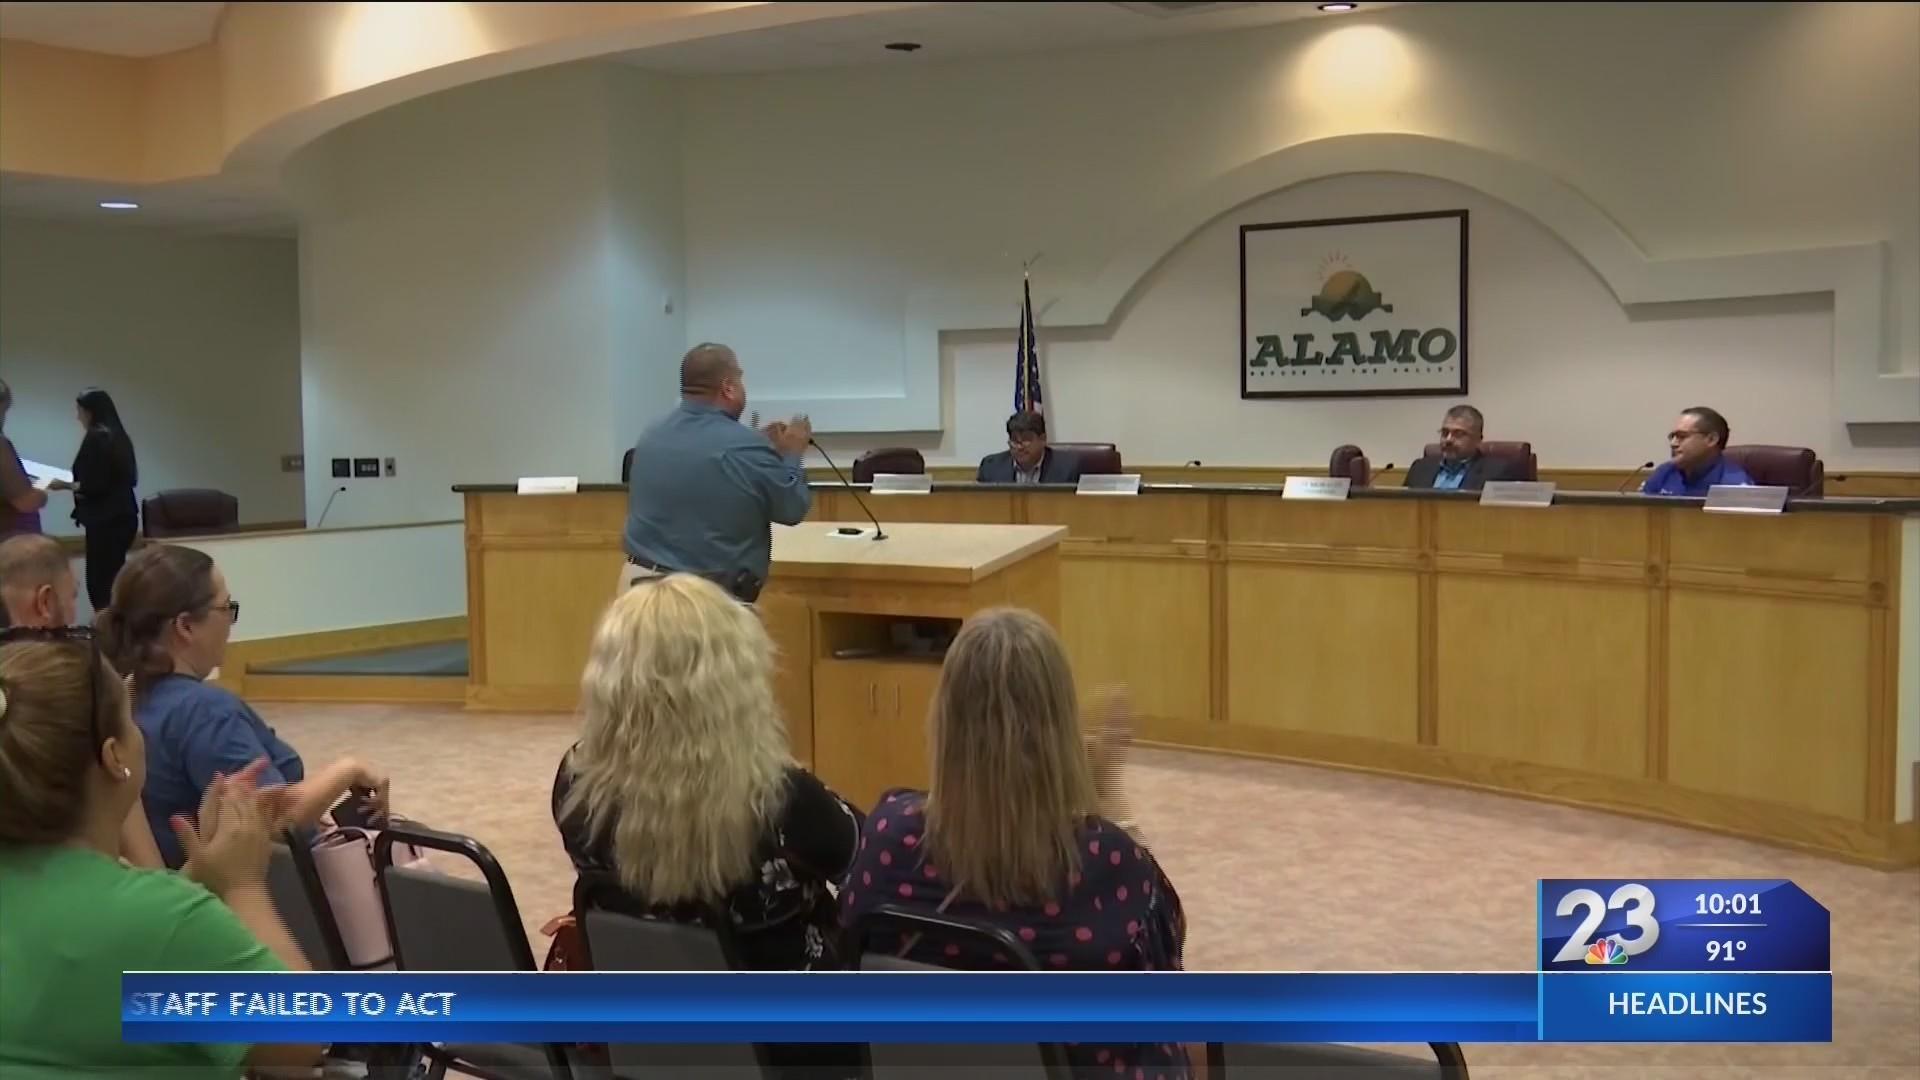 Alamo_Police_Chief_Fired_0_20190521042402